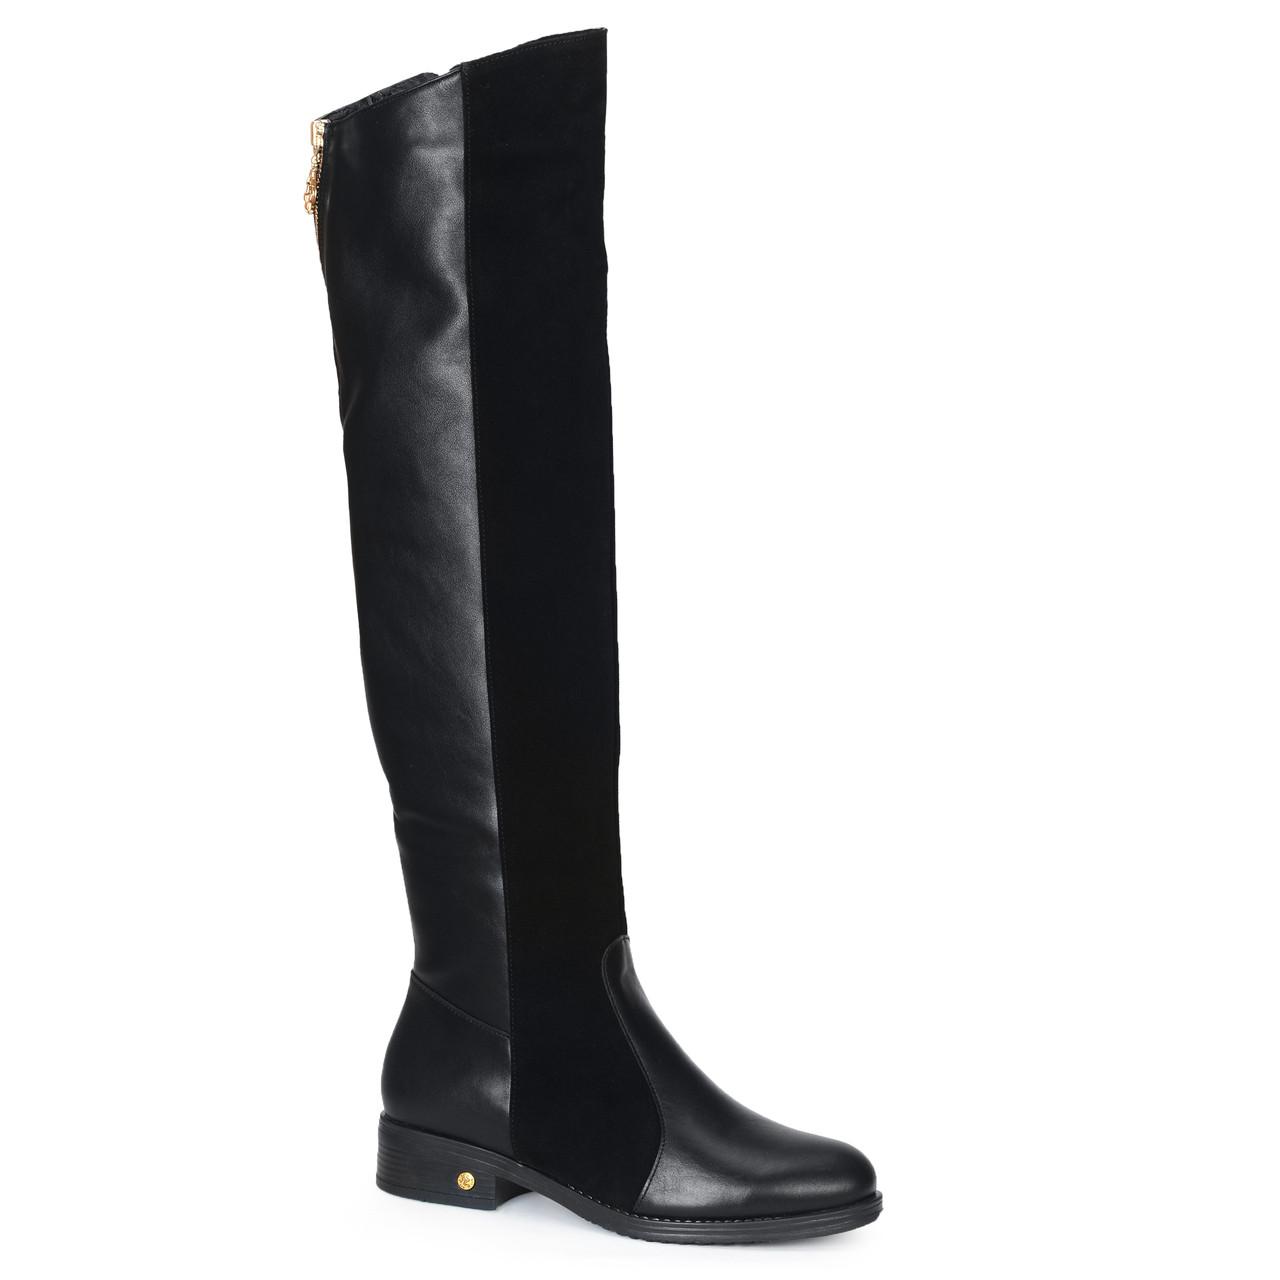 Женские кожаные замшевые полусапоги сапоги ботфорты TIFFANY на каблуке платформе Мех зима ПШ байка